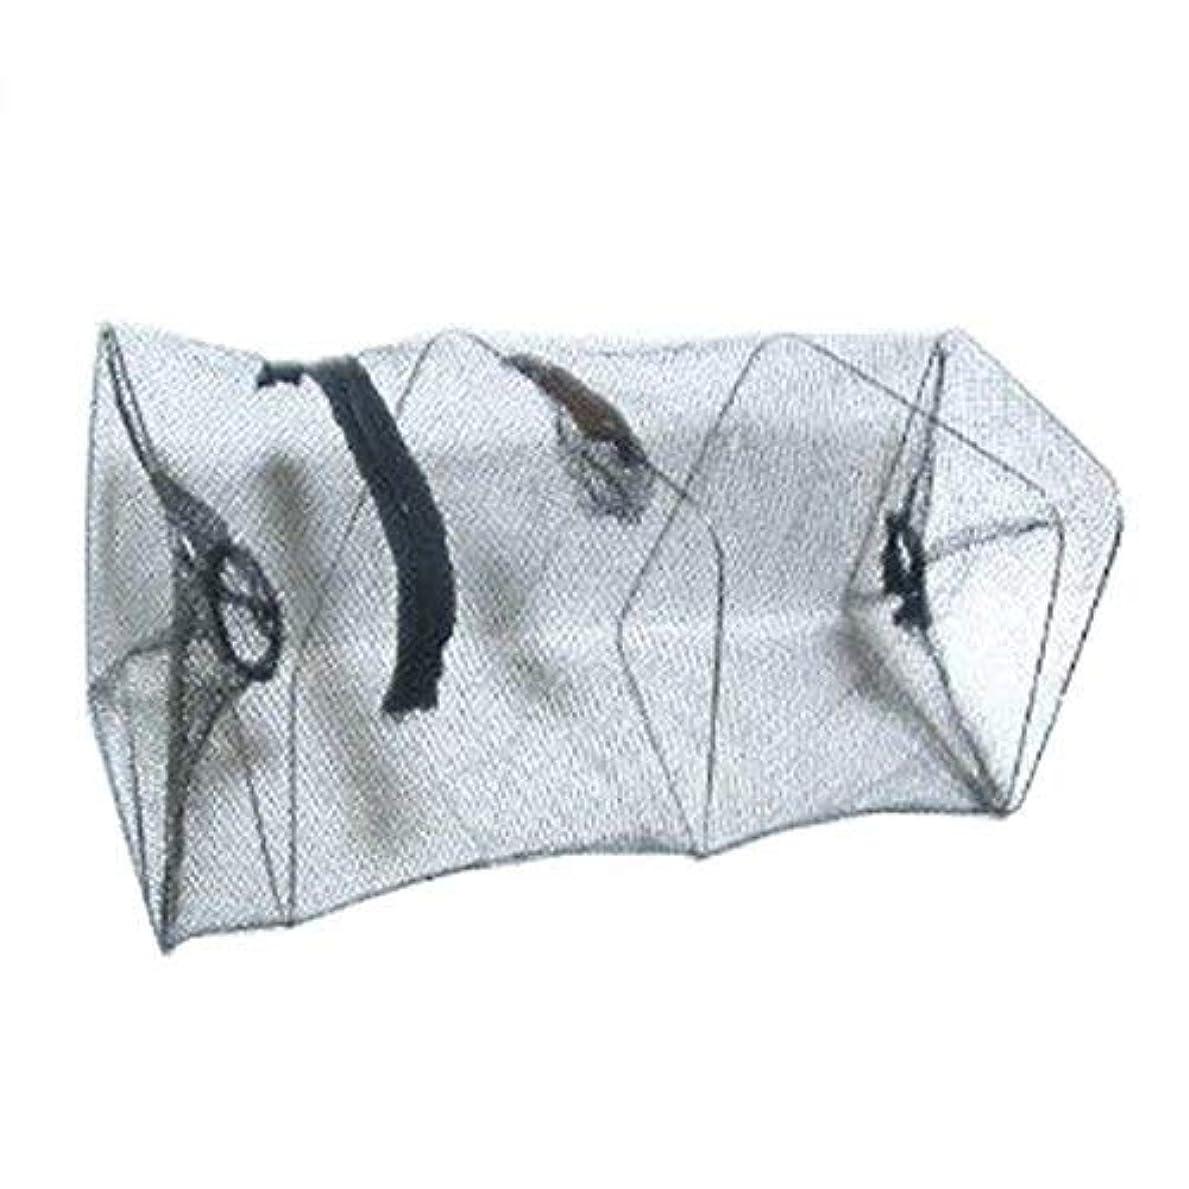 ハロウィン軽蔑簡単にUotyle (立柱形)捕穫網 爆釣 網かご 軽量 投げ網 折り畳み式 釣り仕掛け タコやエビ、カニや小魚などを捕穫 漁具